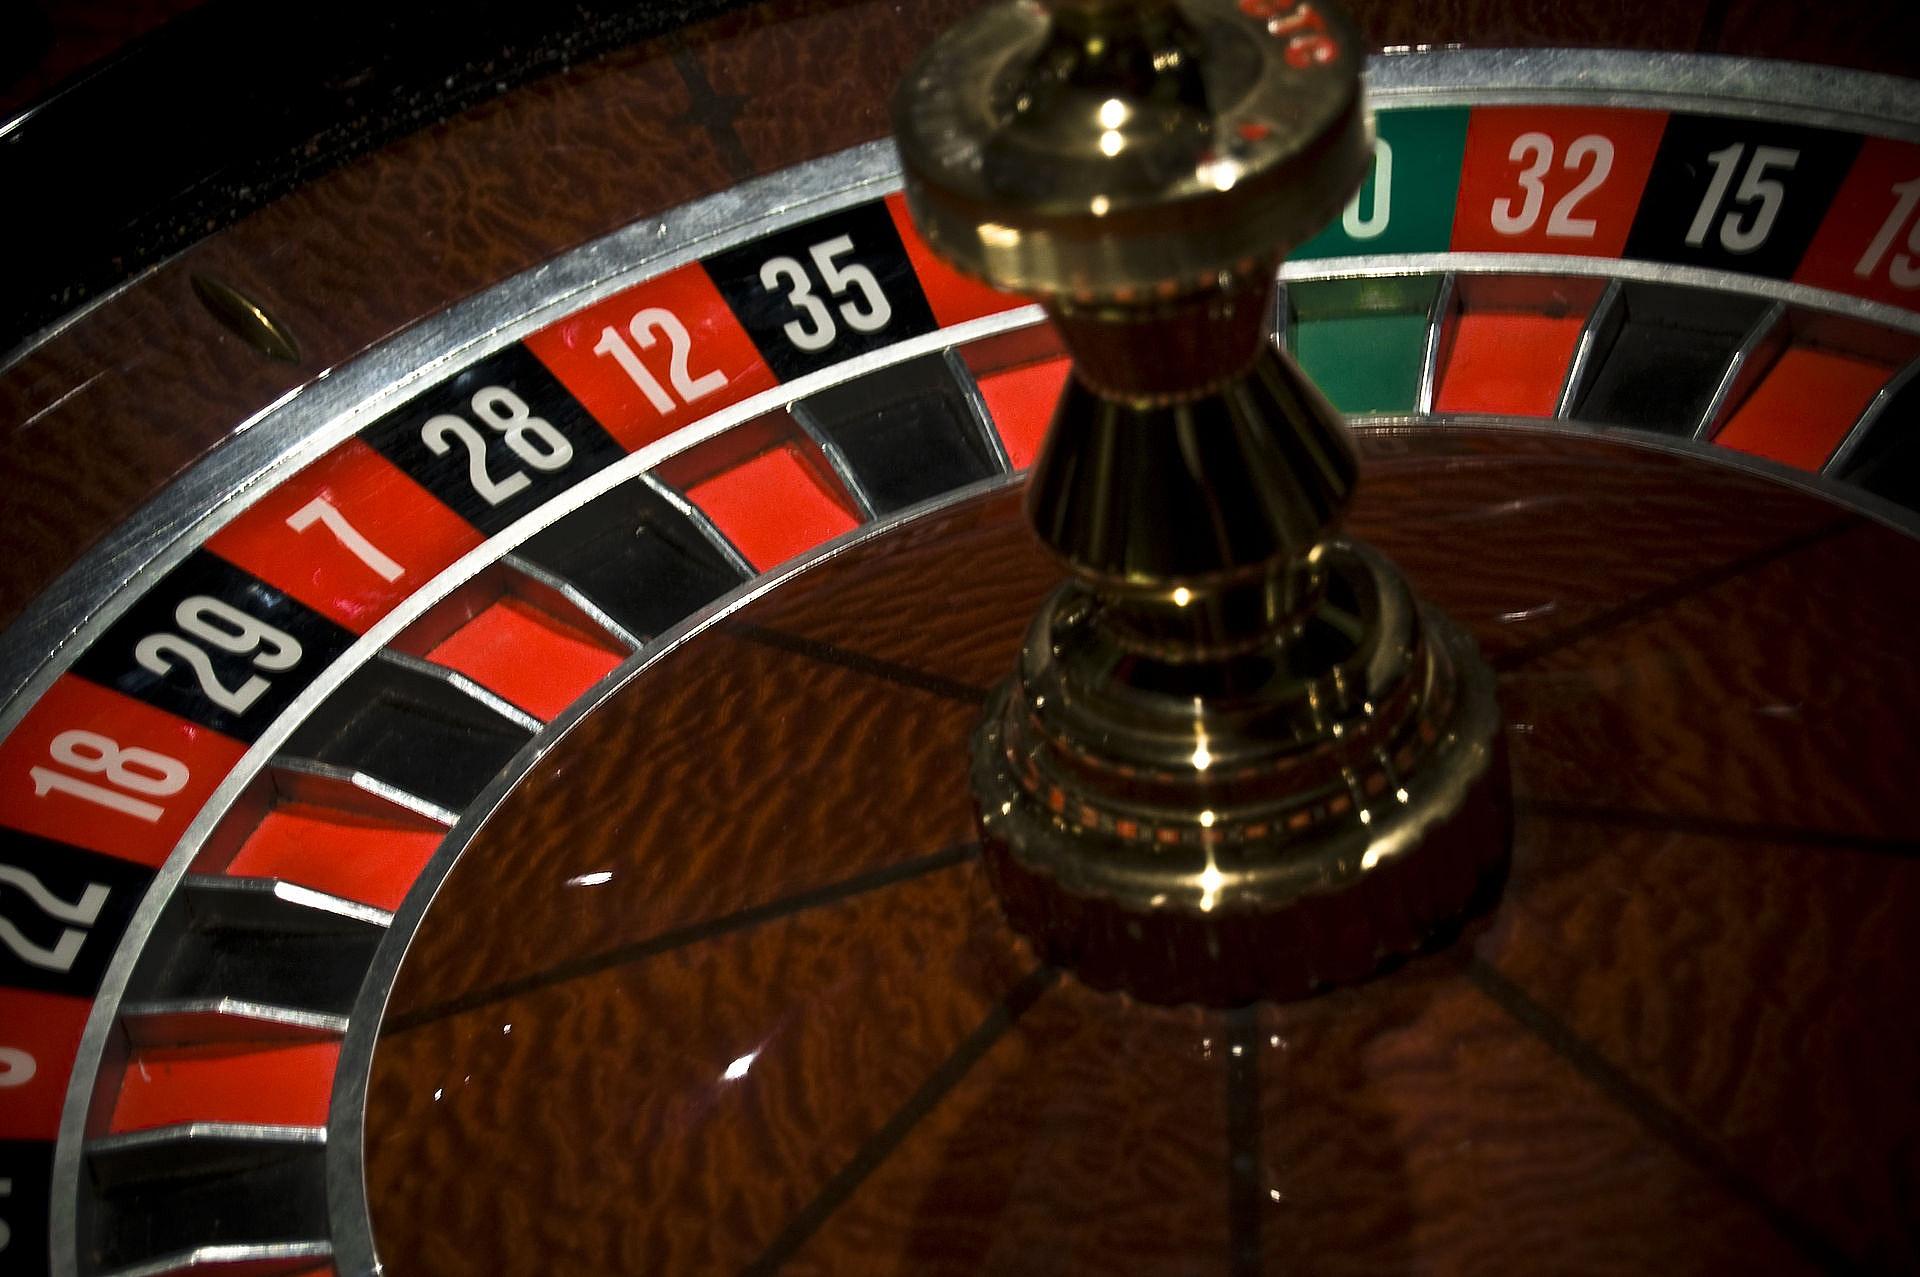 Cechy branży hazardowej w Polsce na przykładzie kasyna Nomini